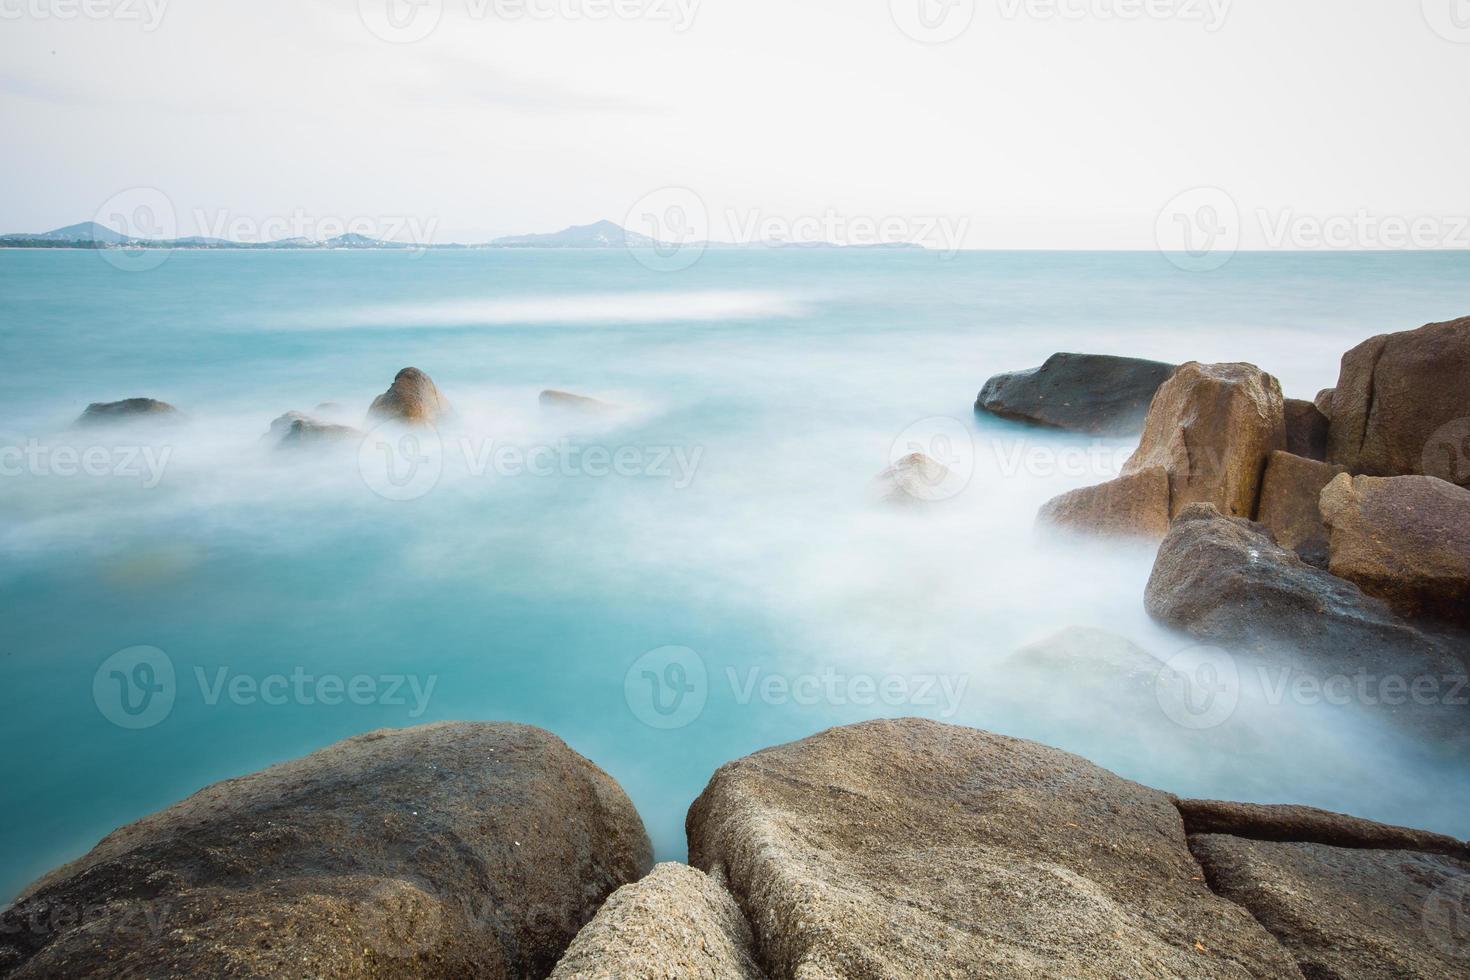 la costa rocosa o playa foto